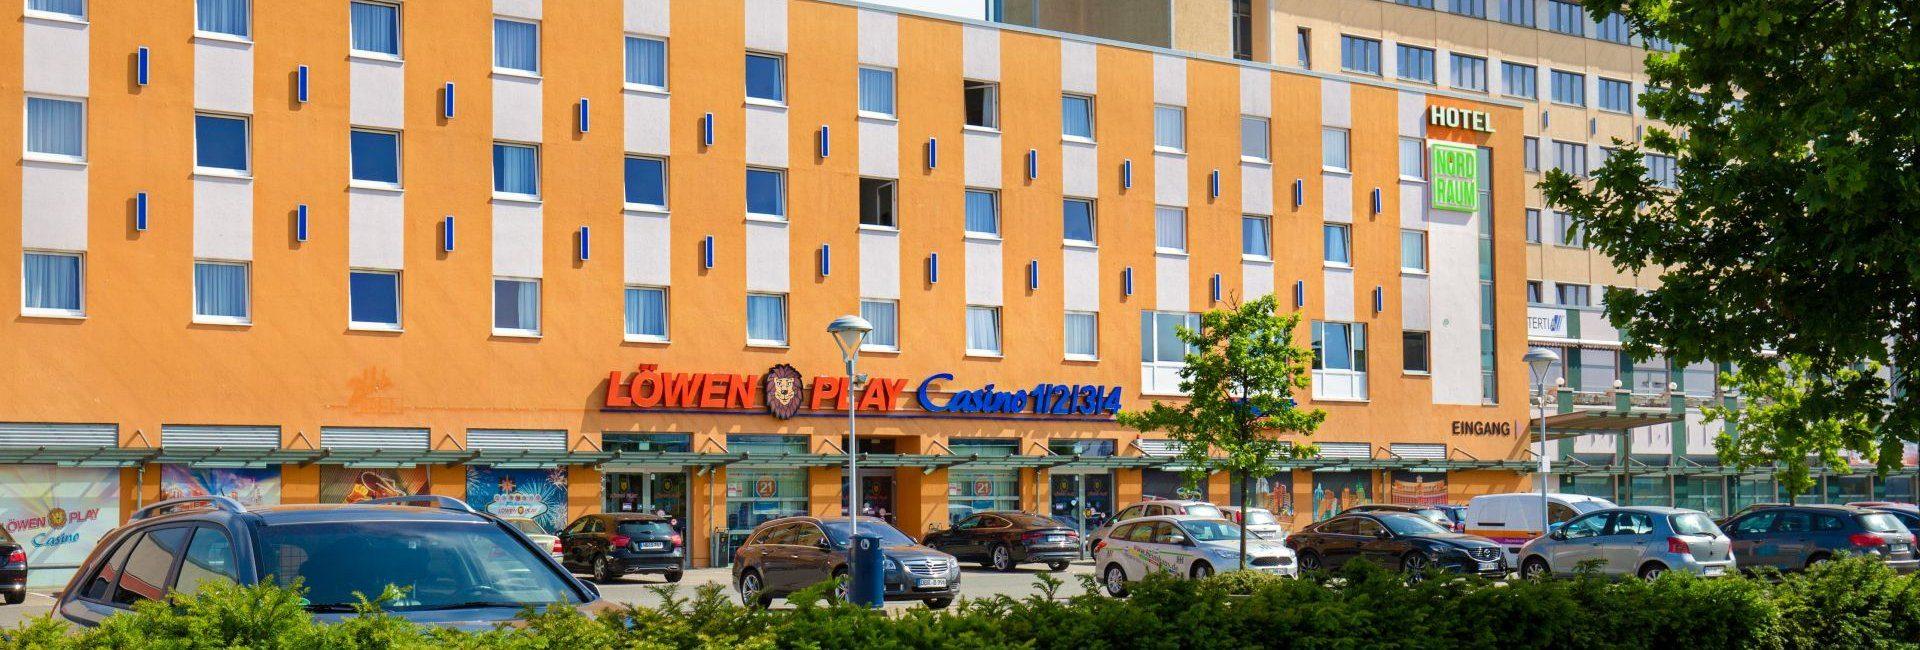 Der Weg zum Hotel NordRaum: 14 Monate später